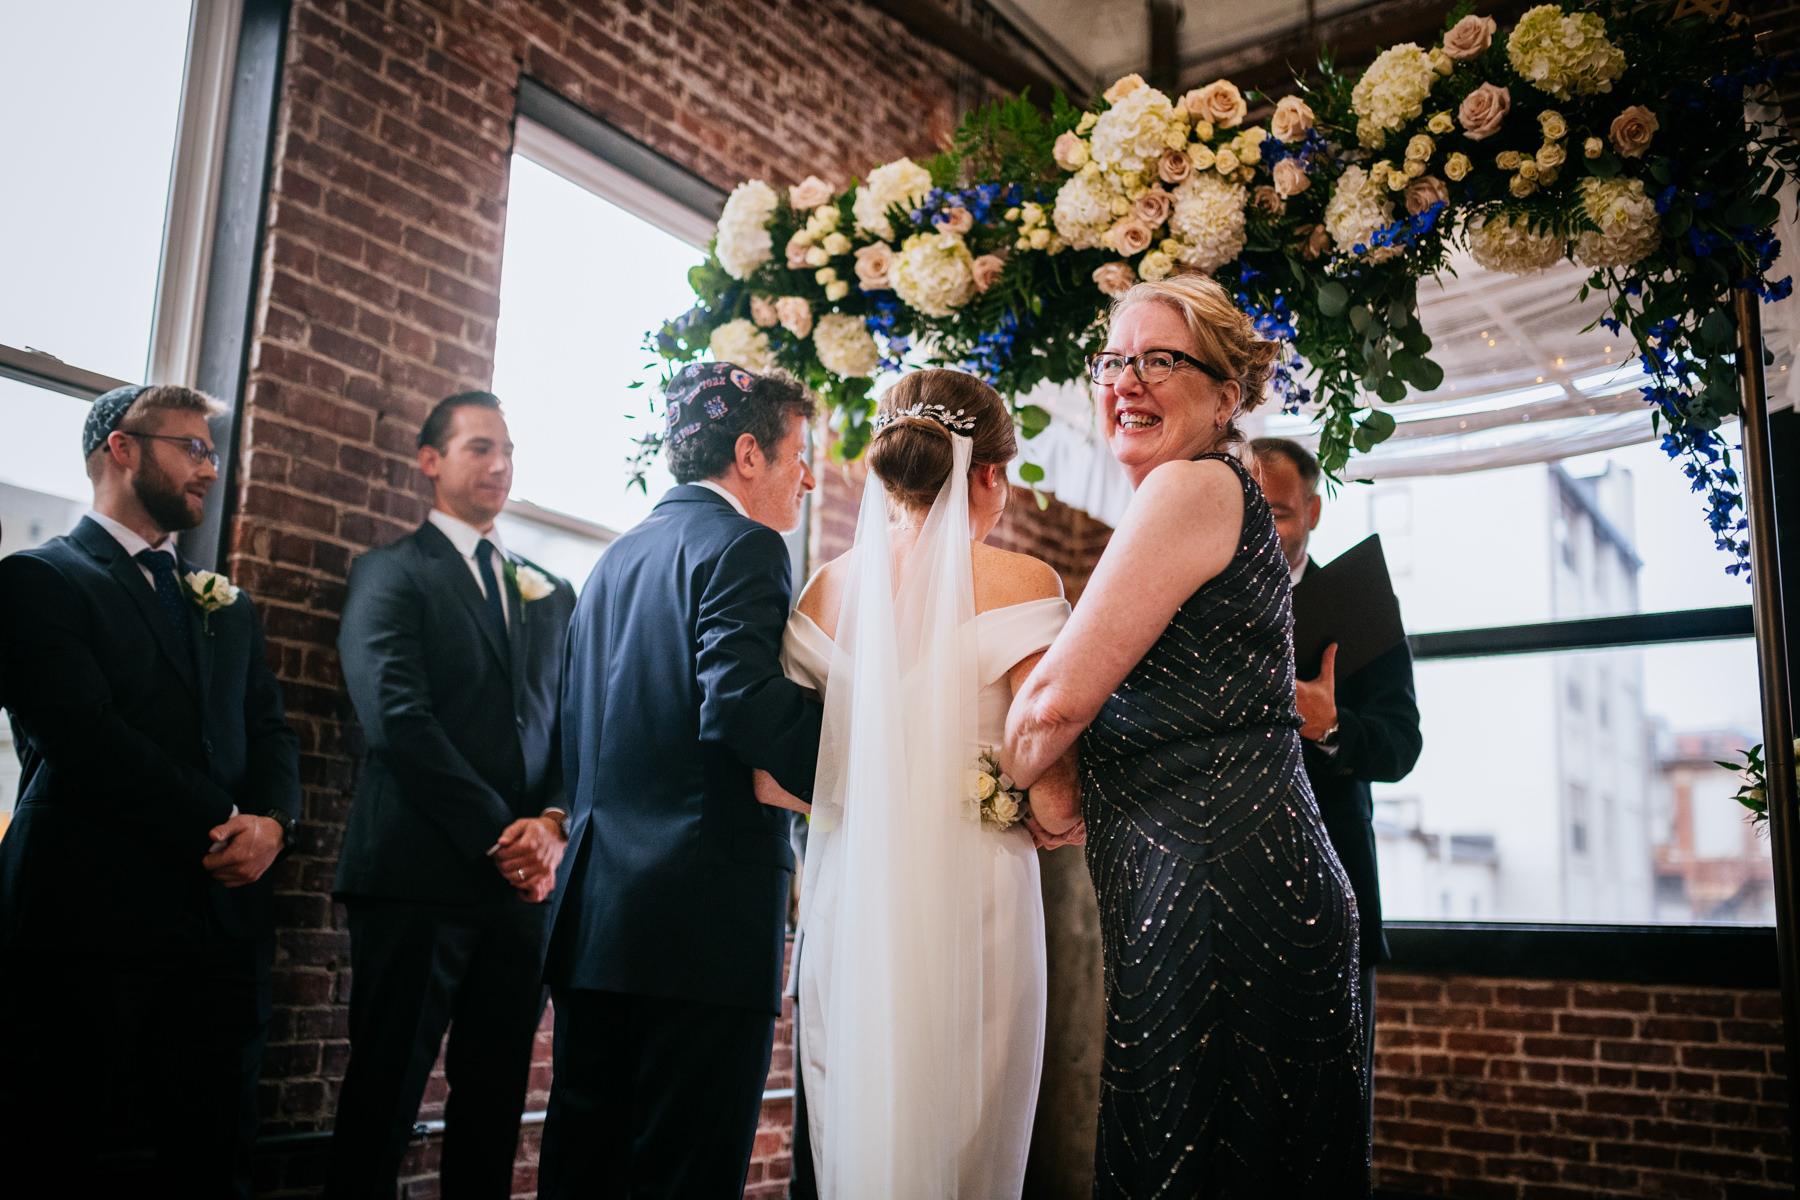 hale street center wedding